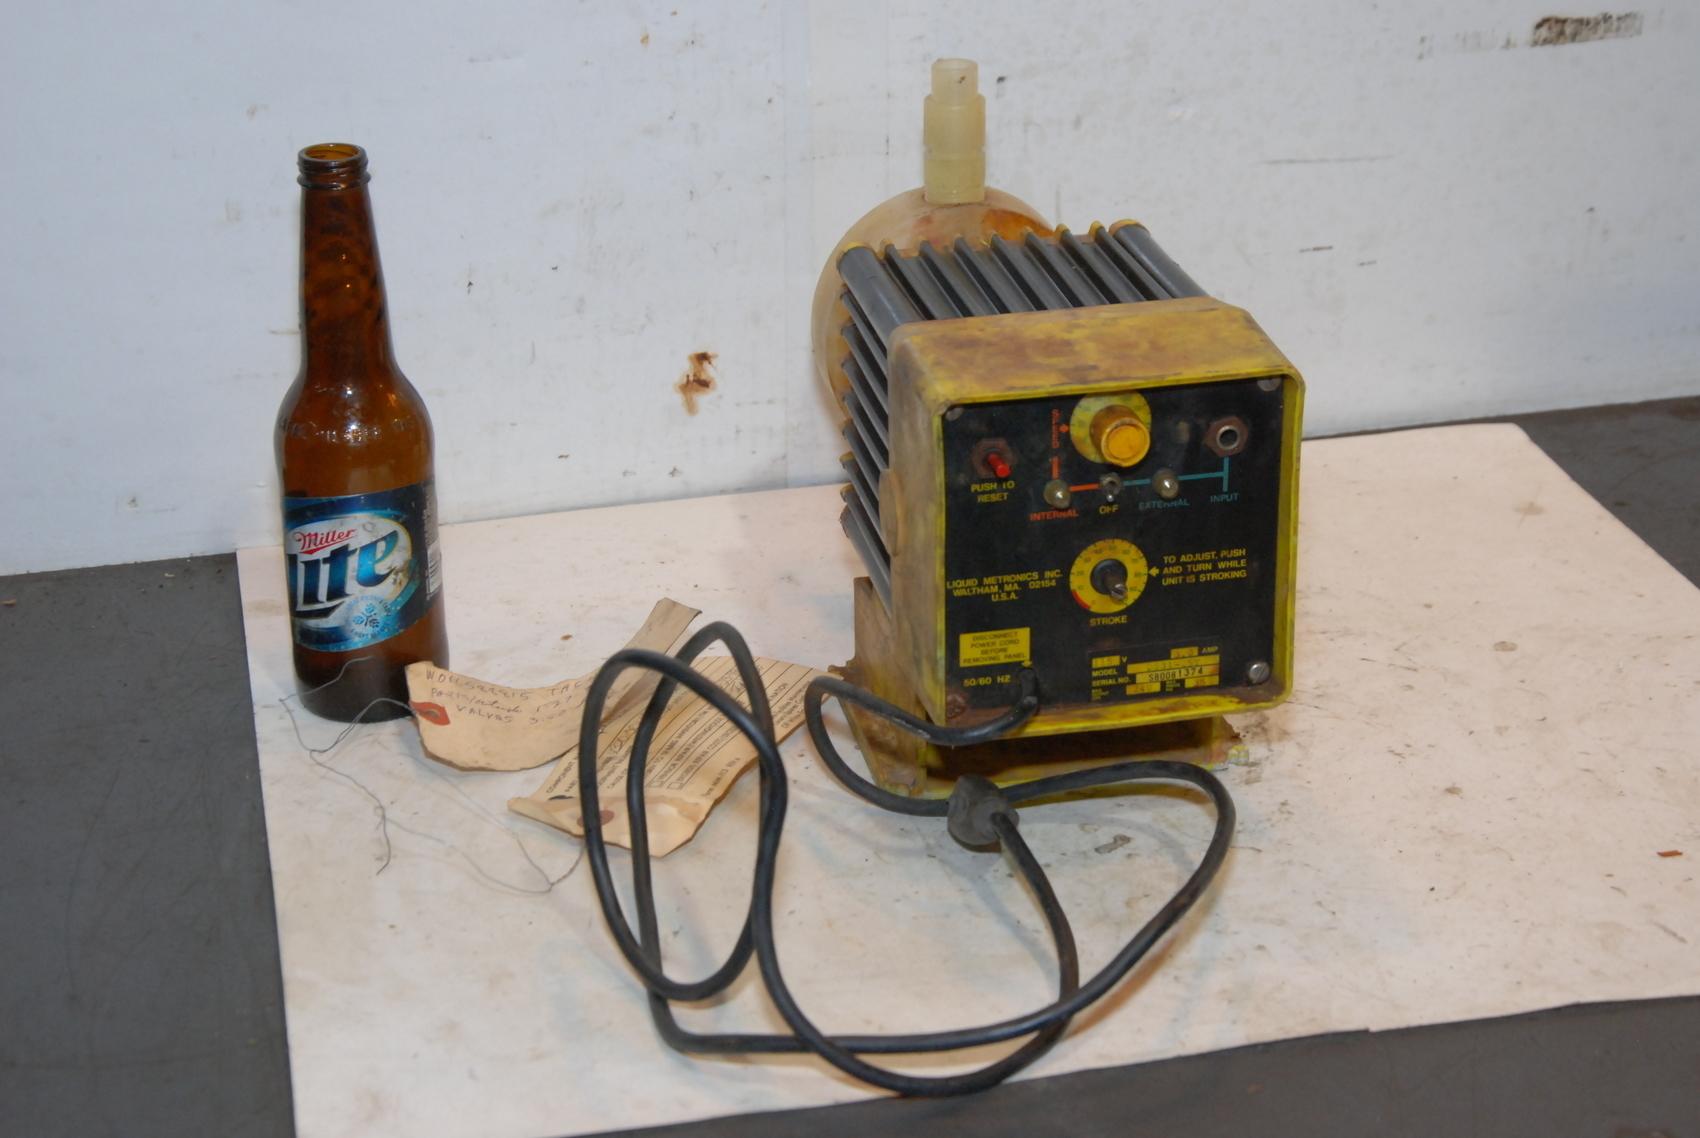 LMI Liquid Metronics Inc.D531-25T Metering Pump dosing